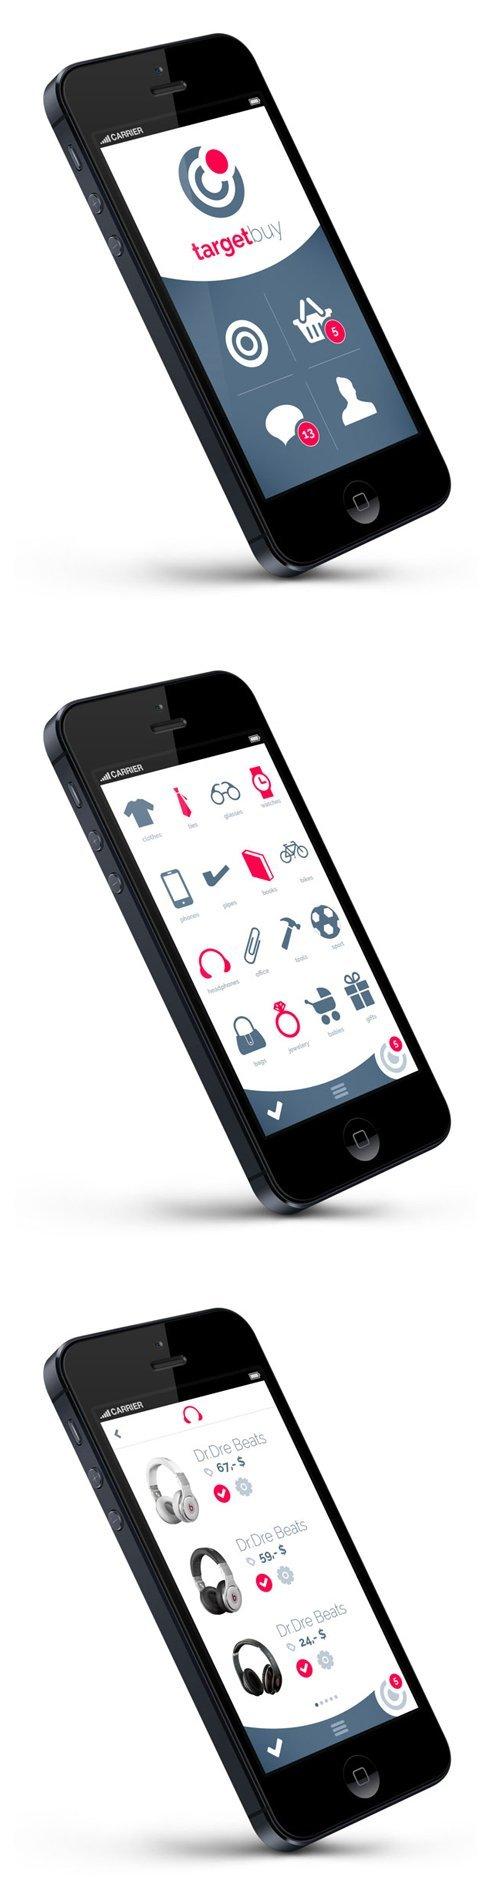 手机界面设计UI/UX-27